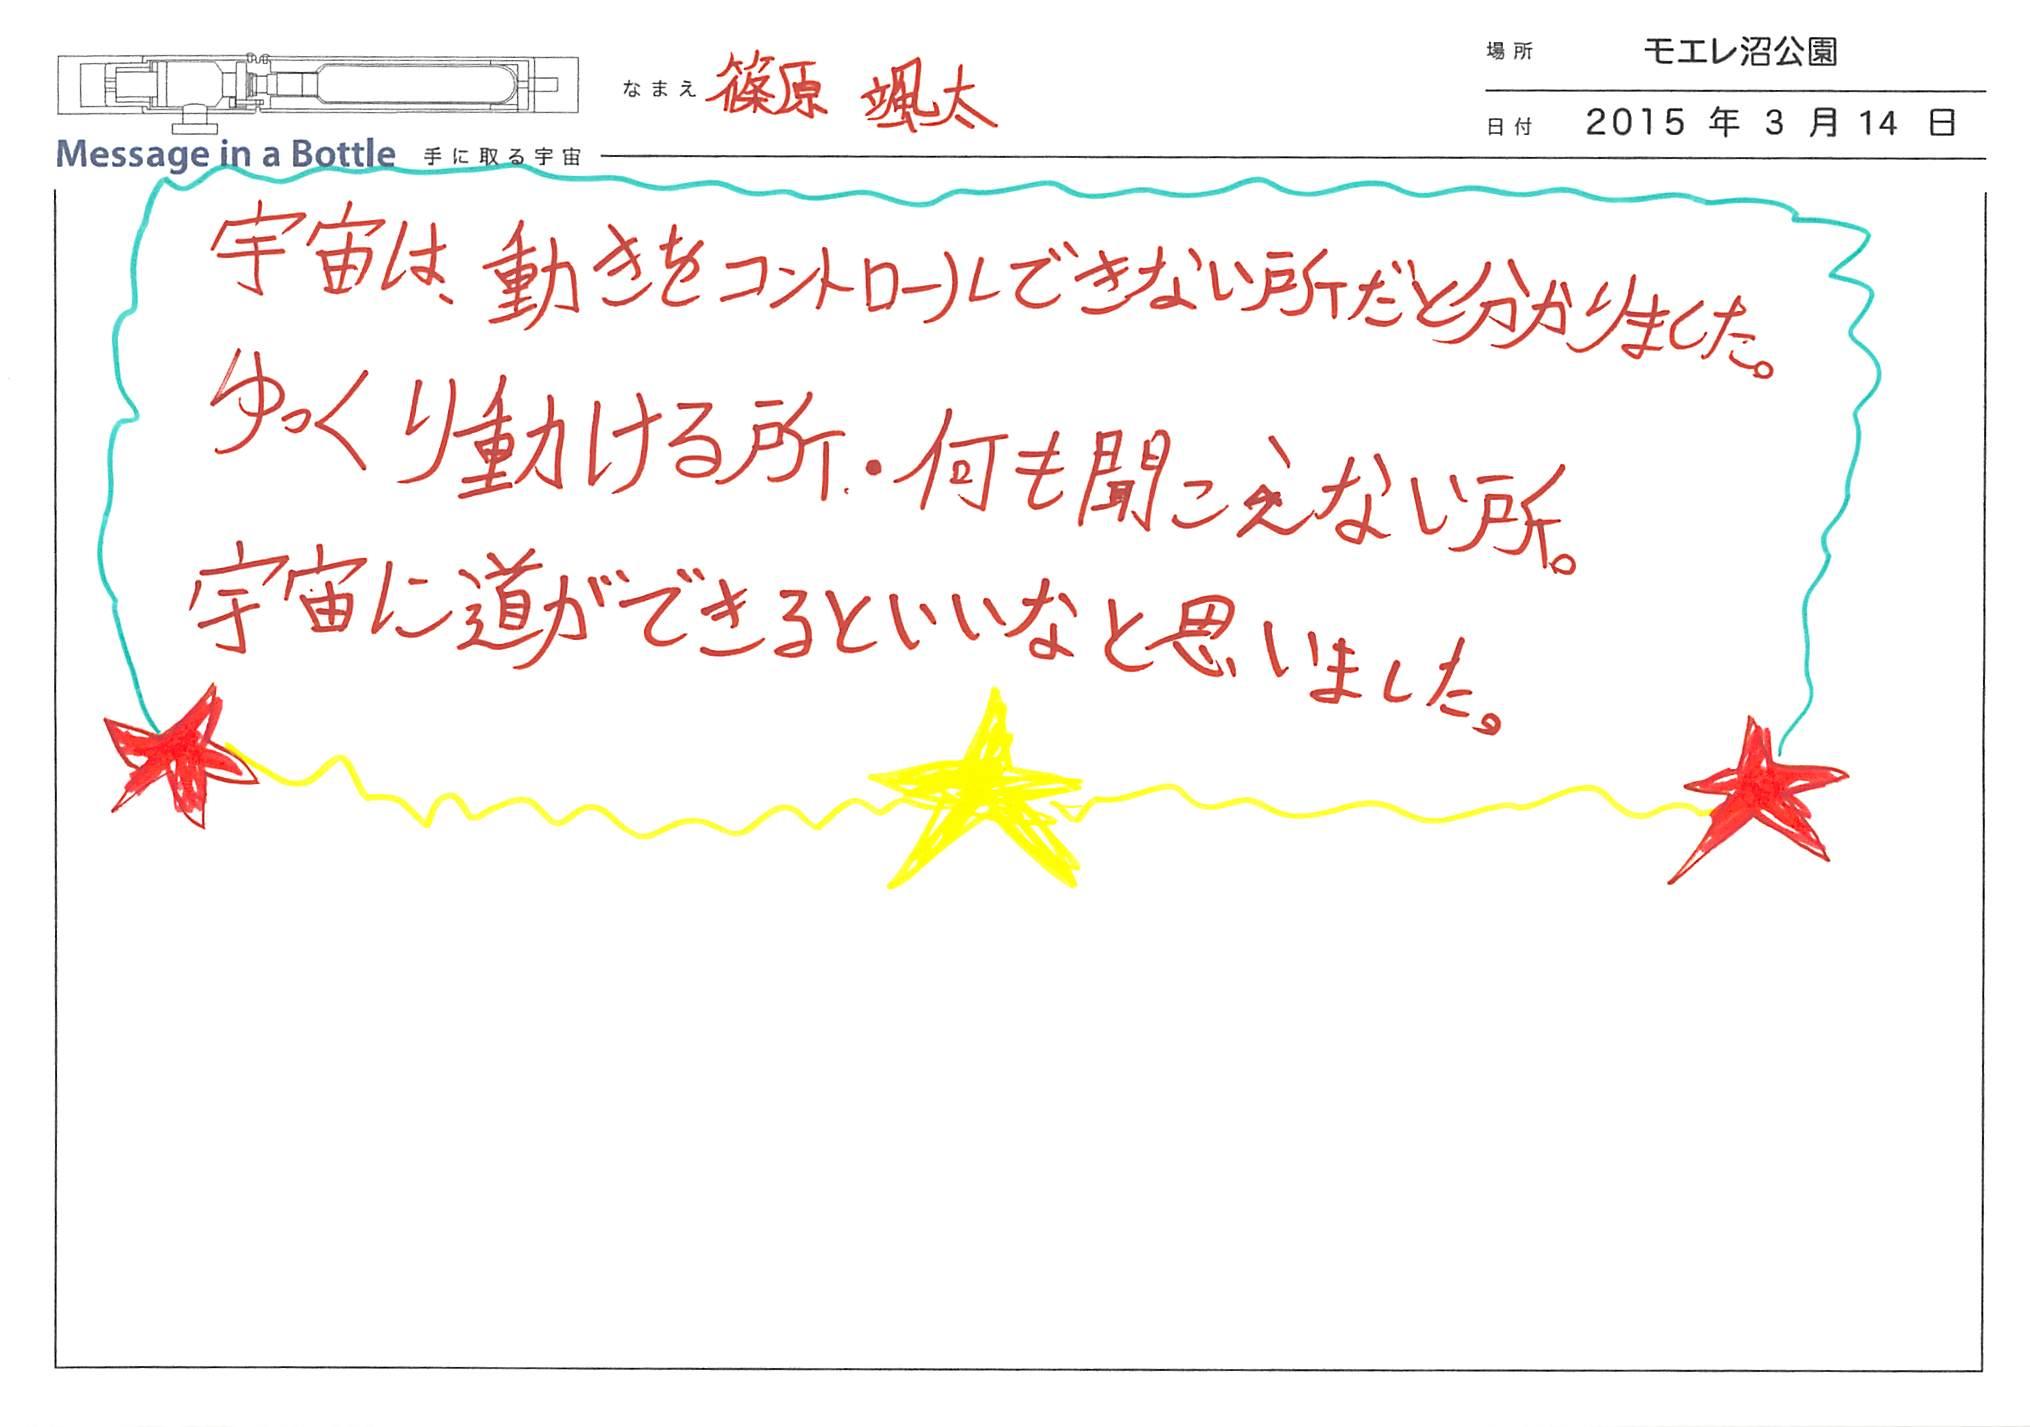 2015-03-14-18-09-55.jpg